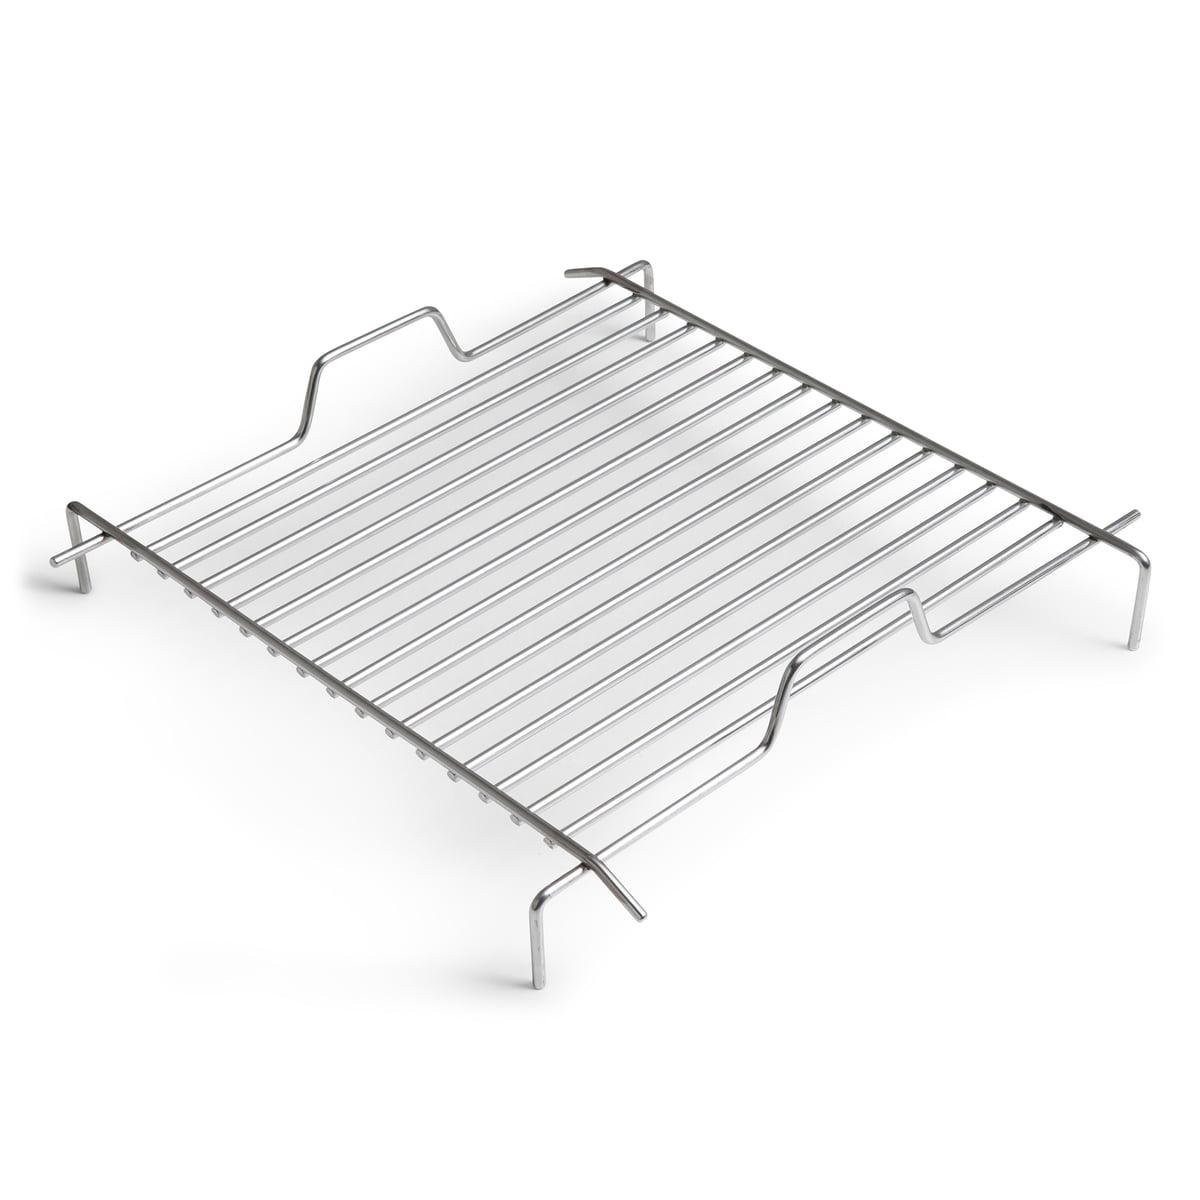 höfats - Cube Grillrost | Garten > Grill und Zubehör | Höfats